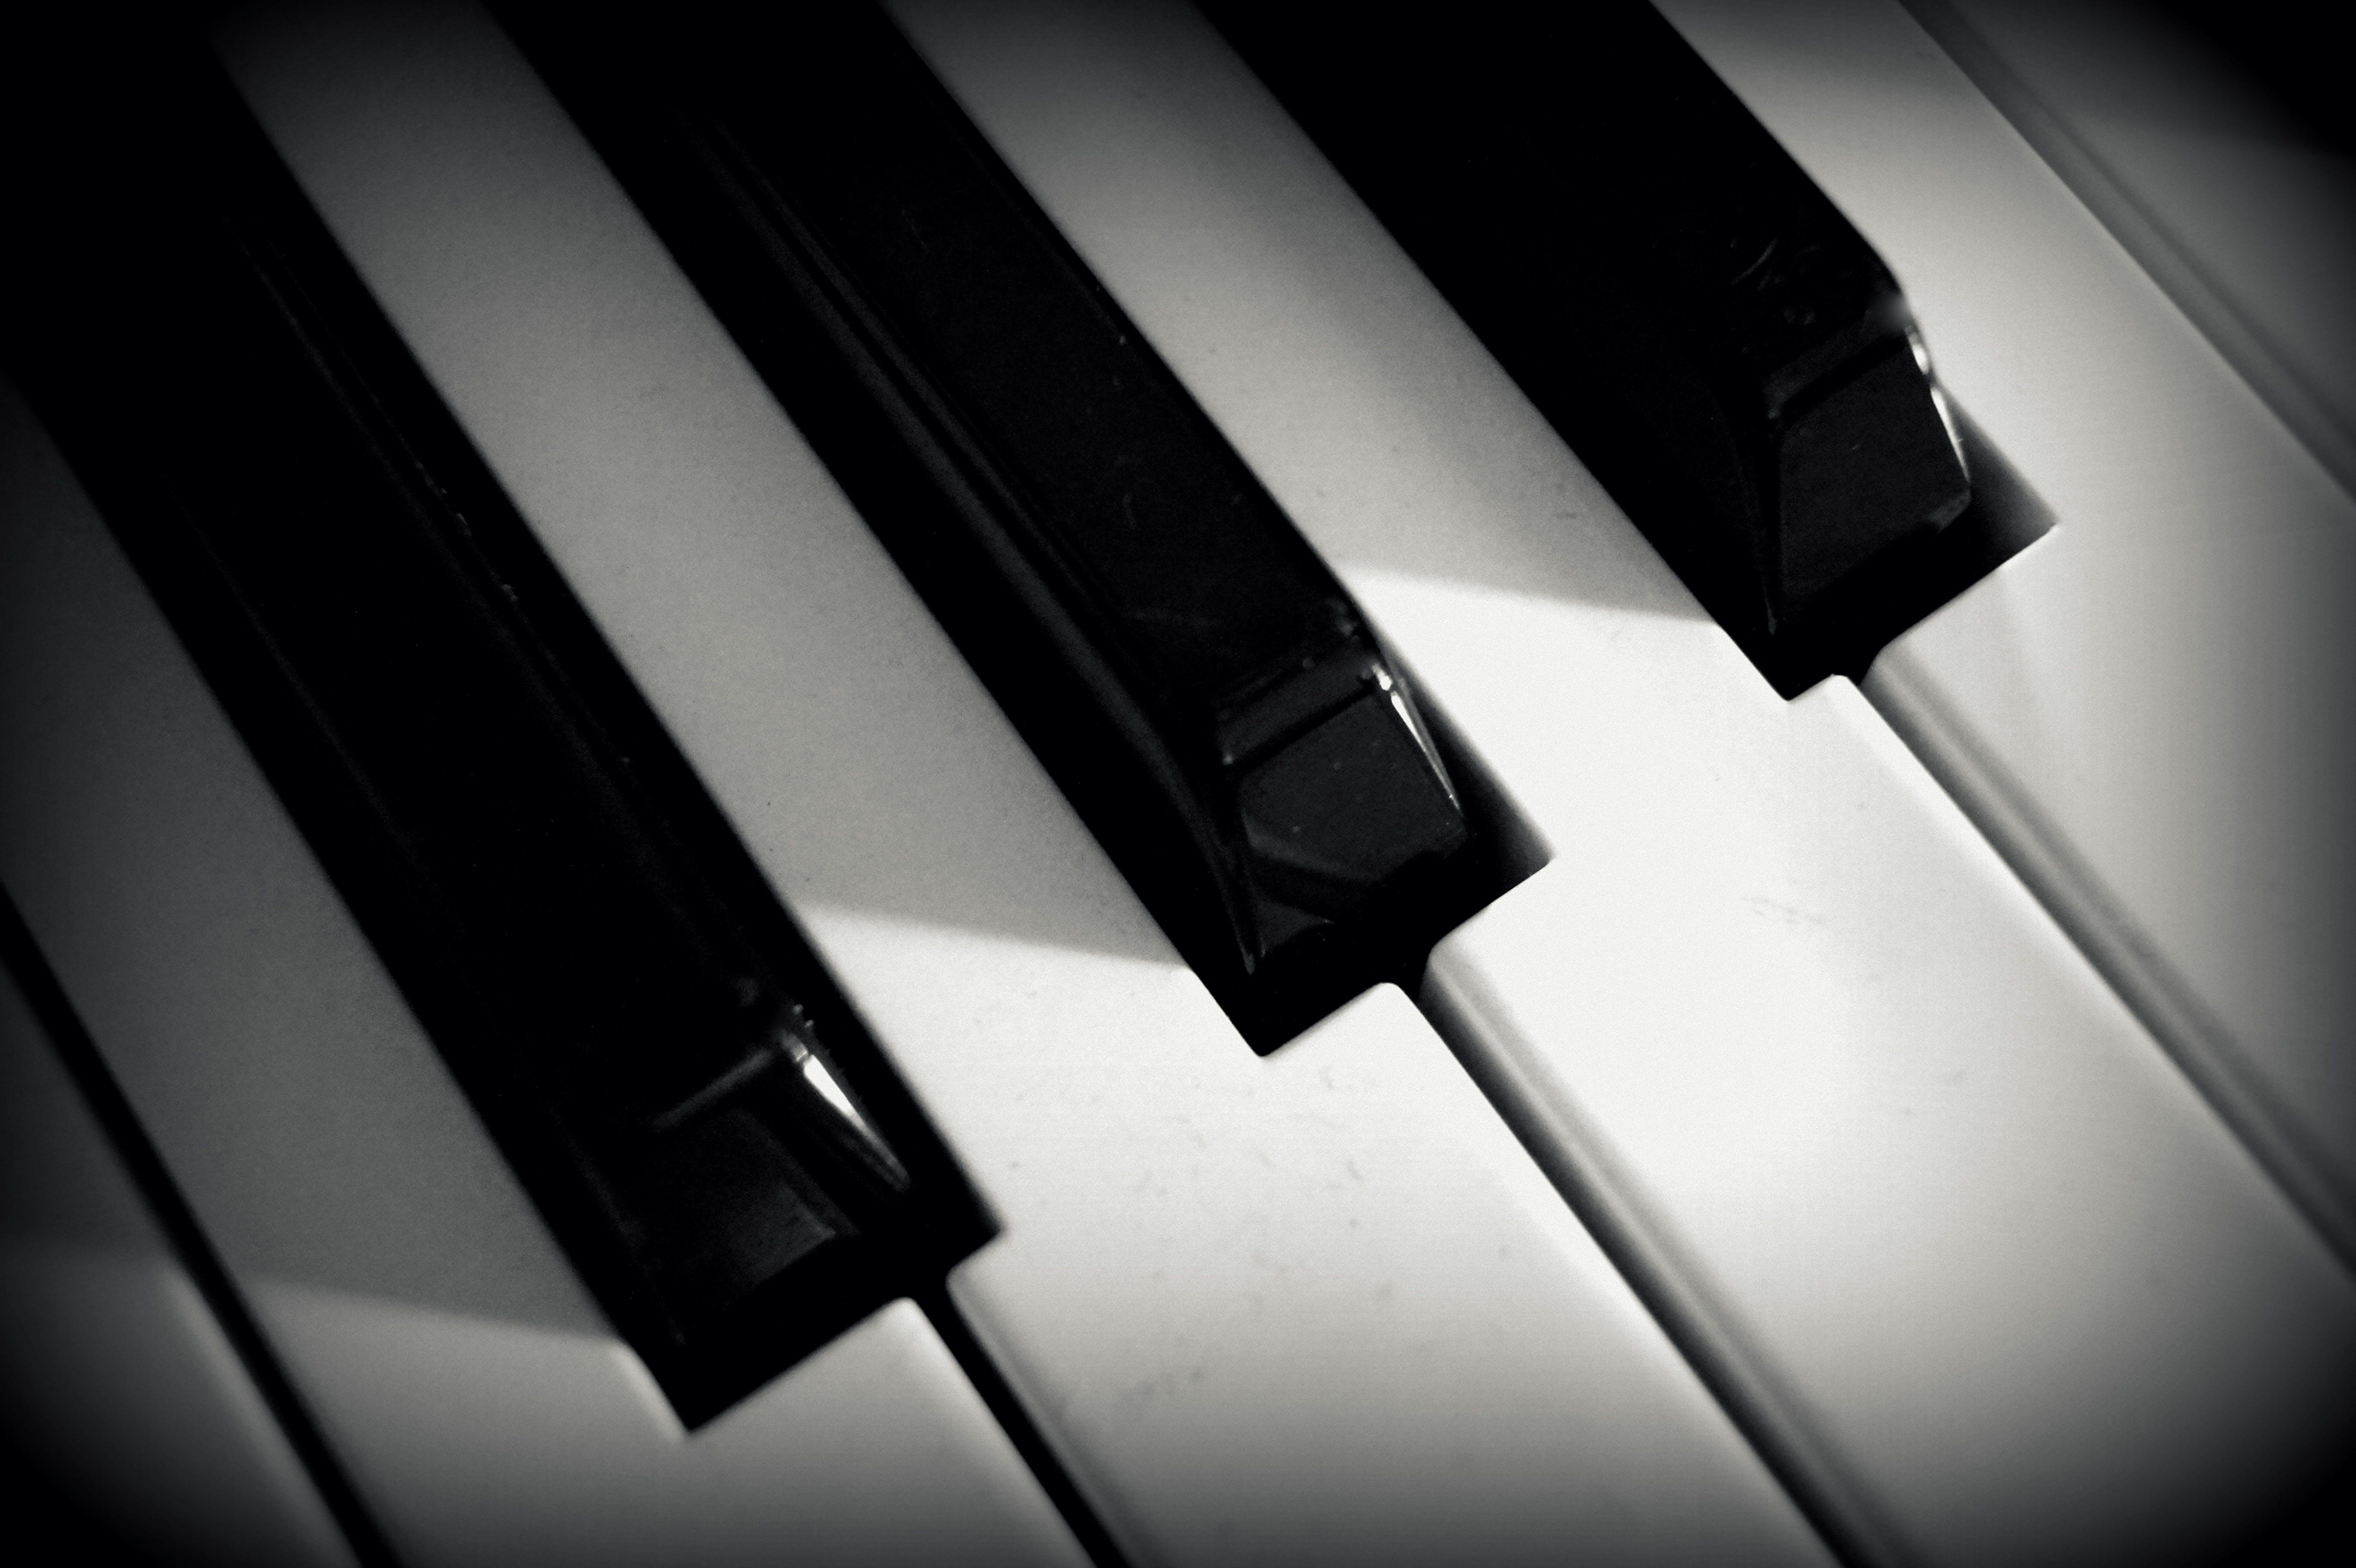 Foto d'estoc gratuïta de blanc i negre, claus, instrument musical, piano